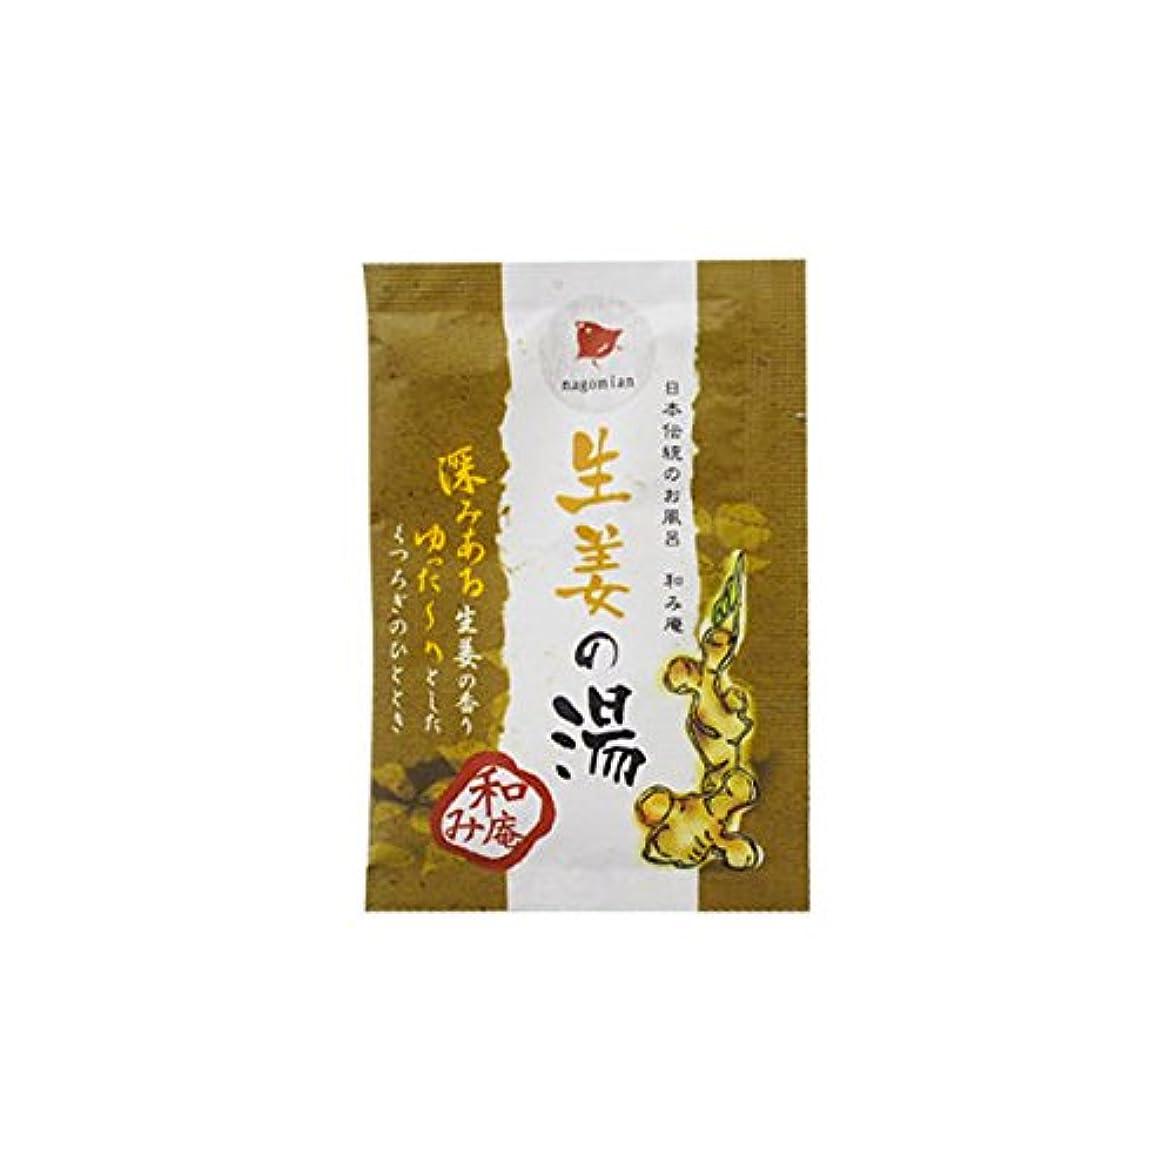 タヒチ来てブロック和み庵 入浴剤 「生姜の湯」30個